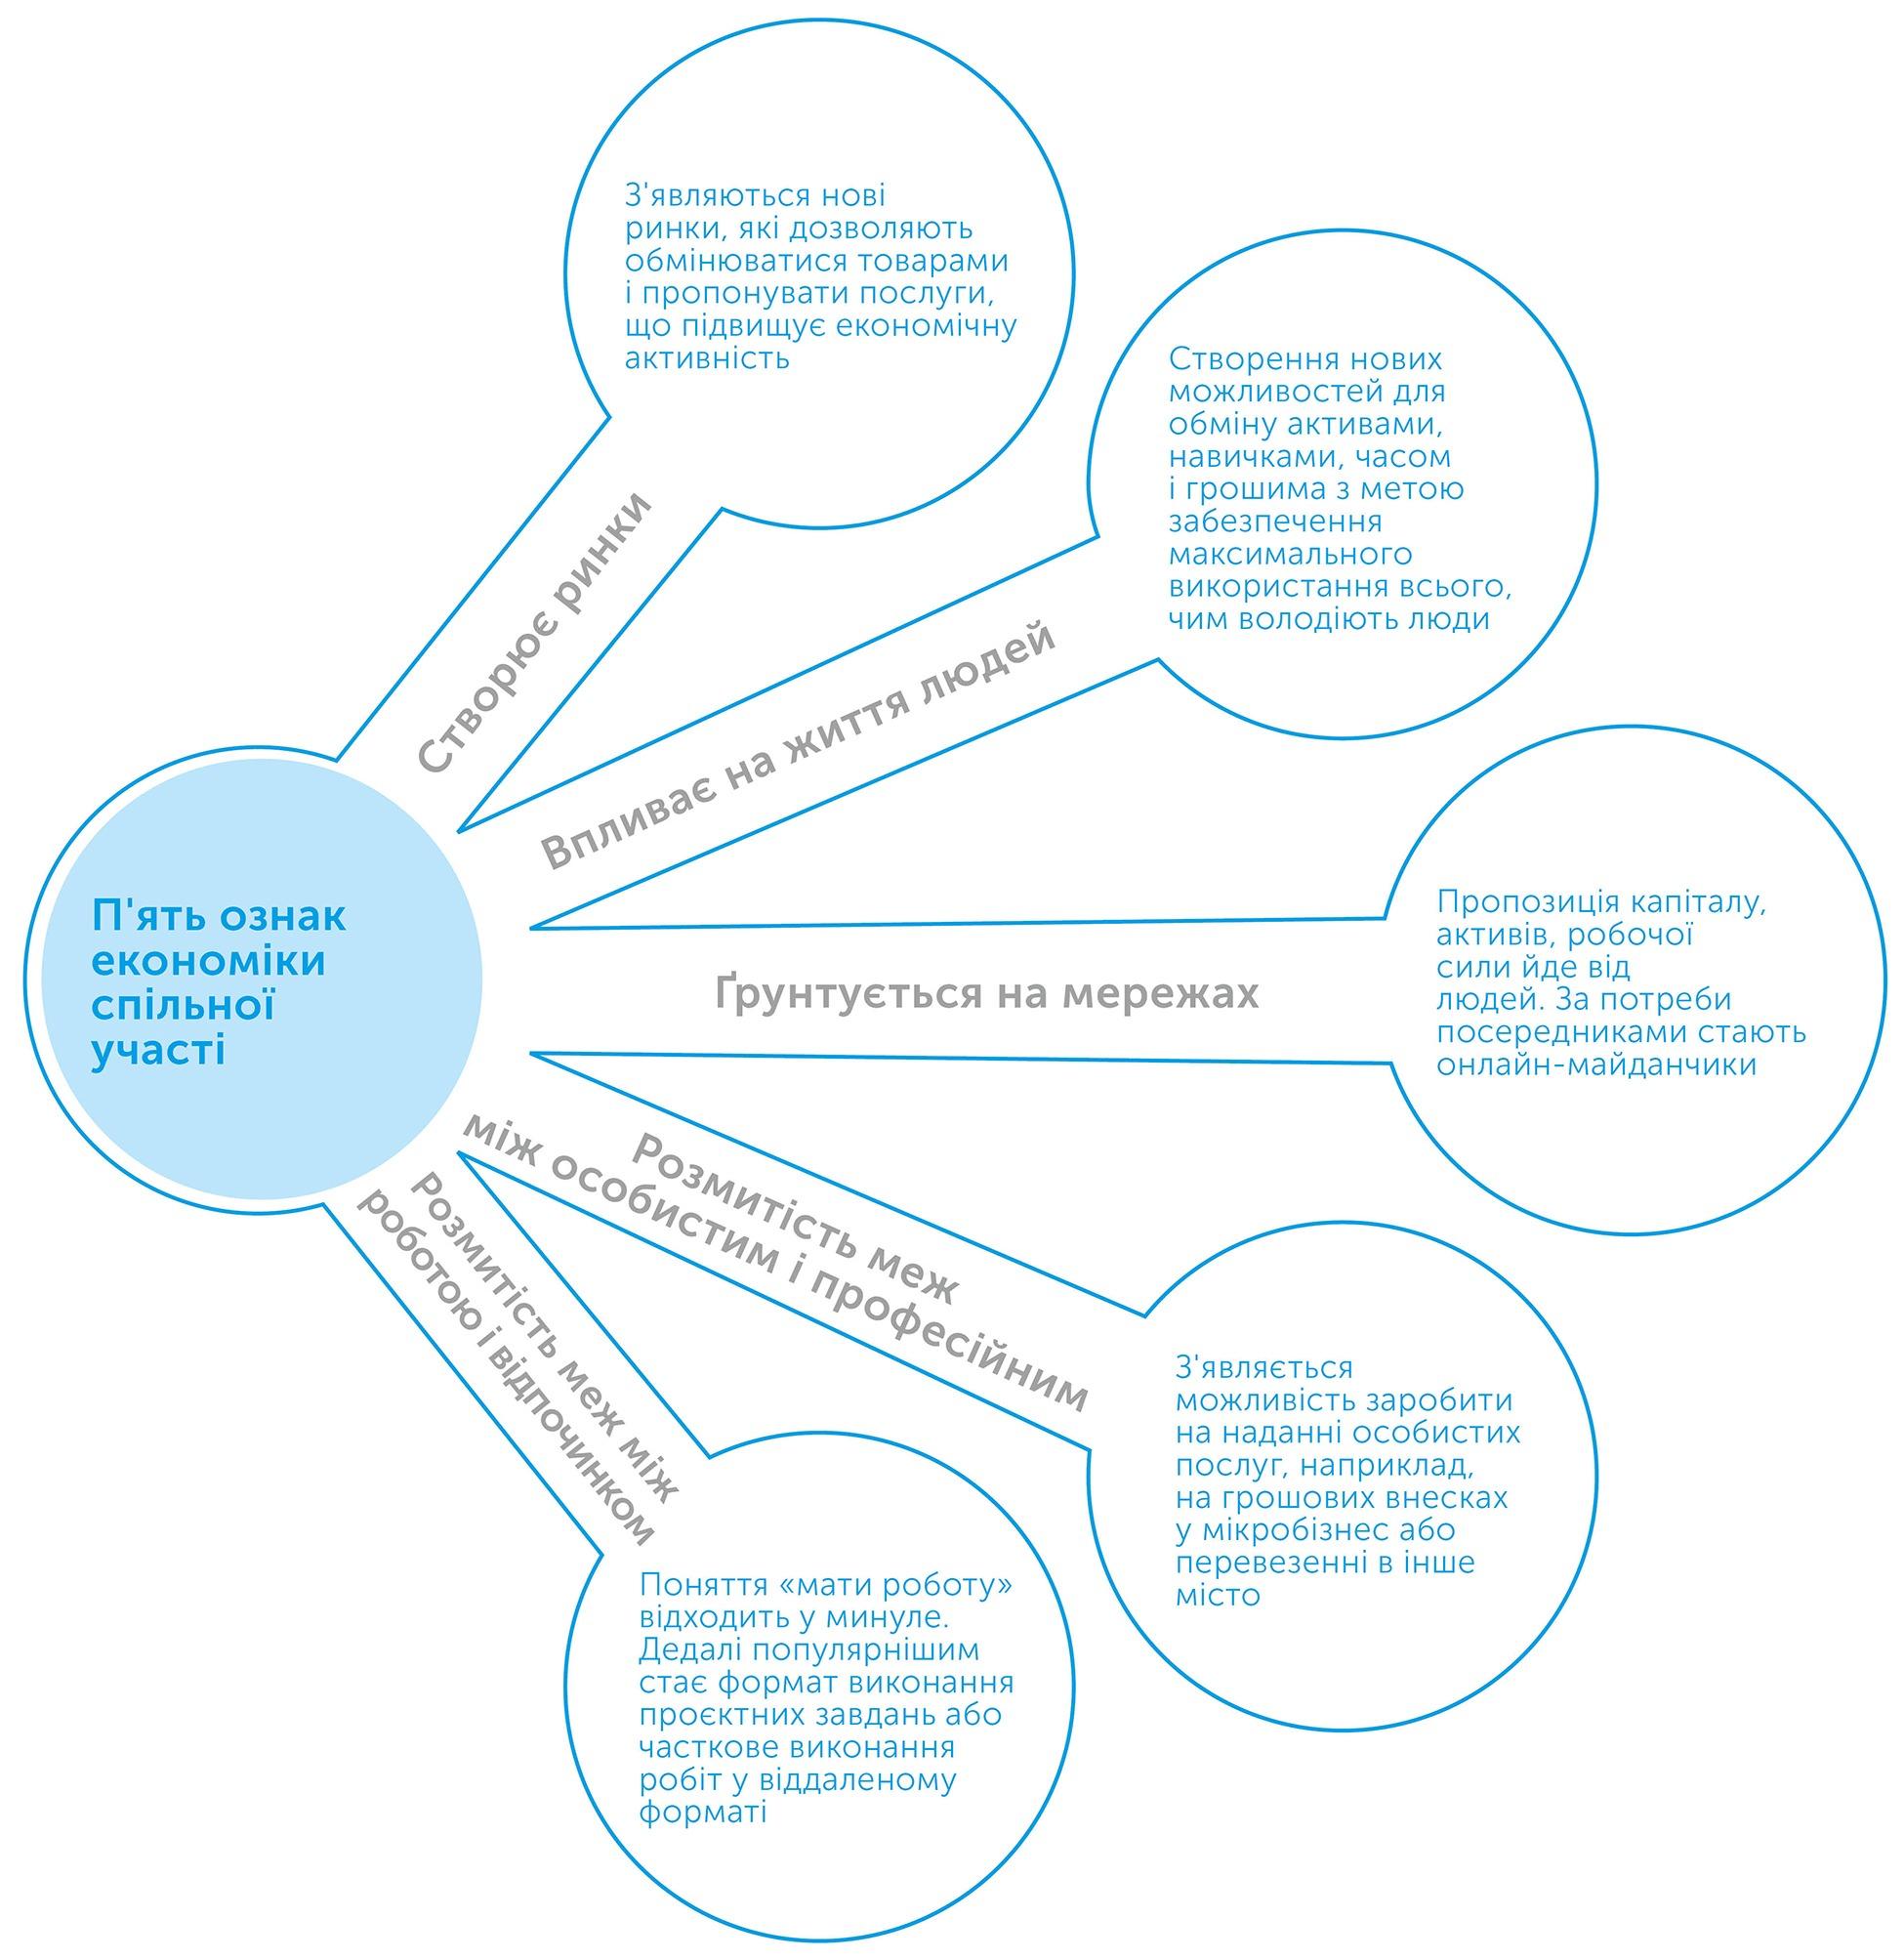 Економіка спільної участі, автор Арун Сундарараджан   Kyivstar Business Hub, зображення №3